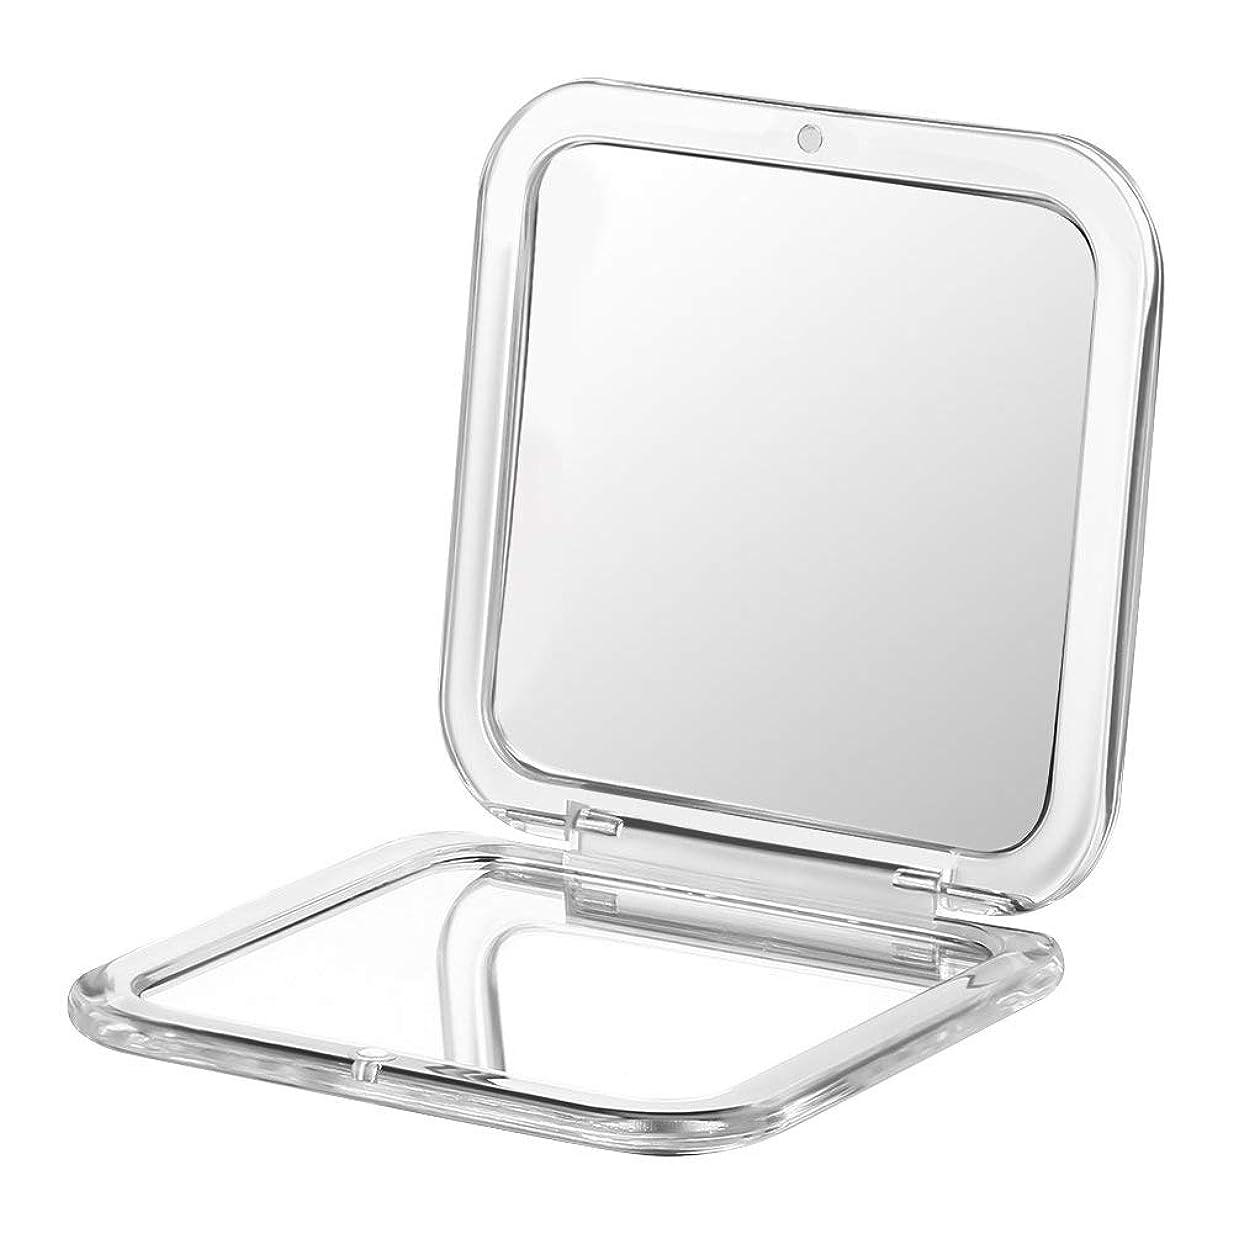 グローブメディア噛むコンパクト鏡 拡大鏡 両面コンパクトミラー 化粧鏡 卓上 鏡